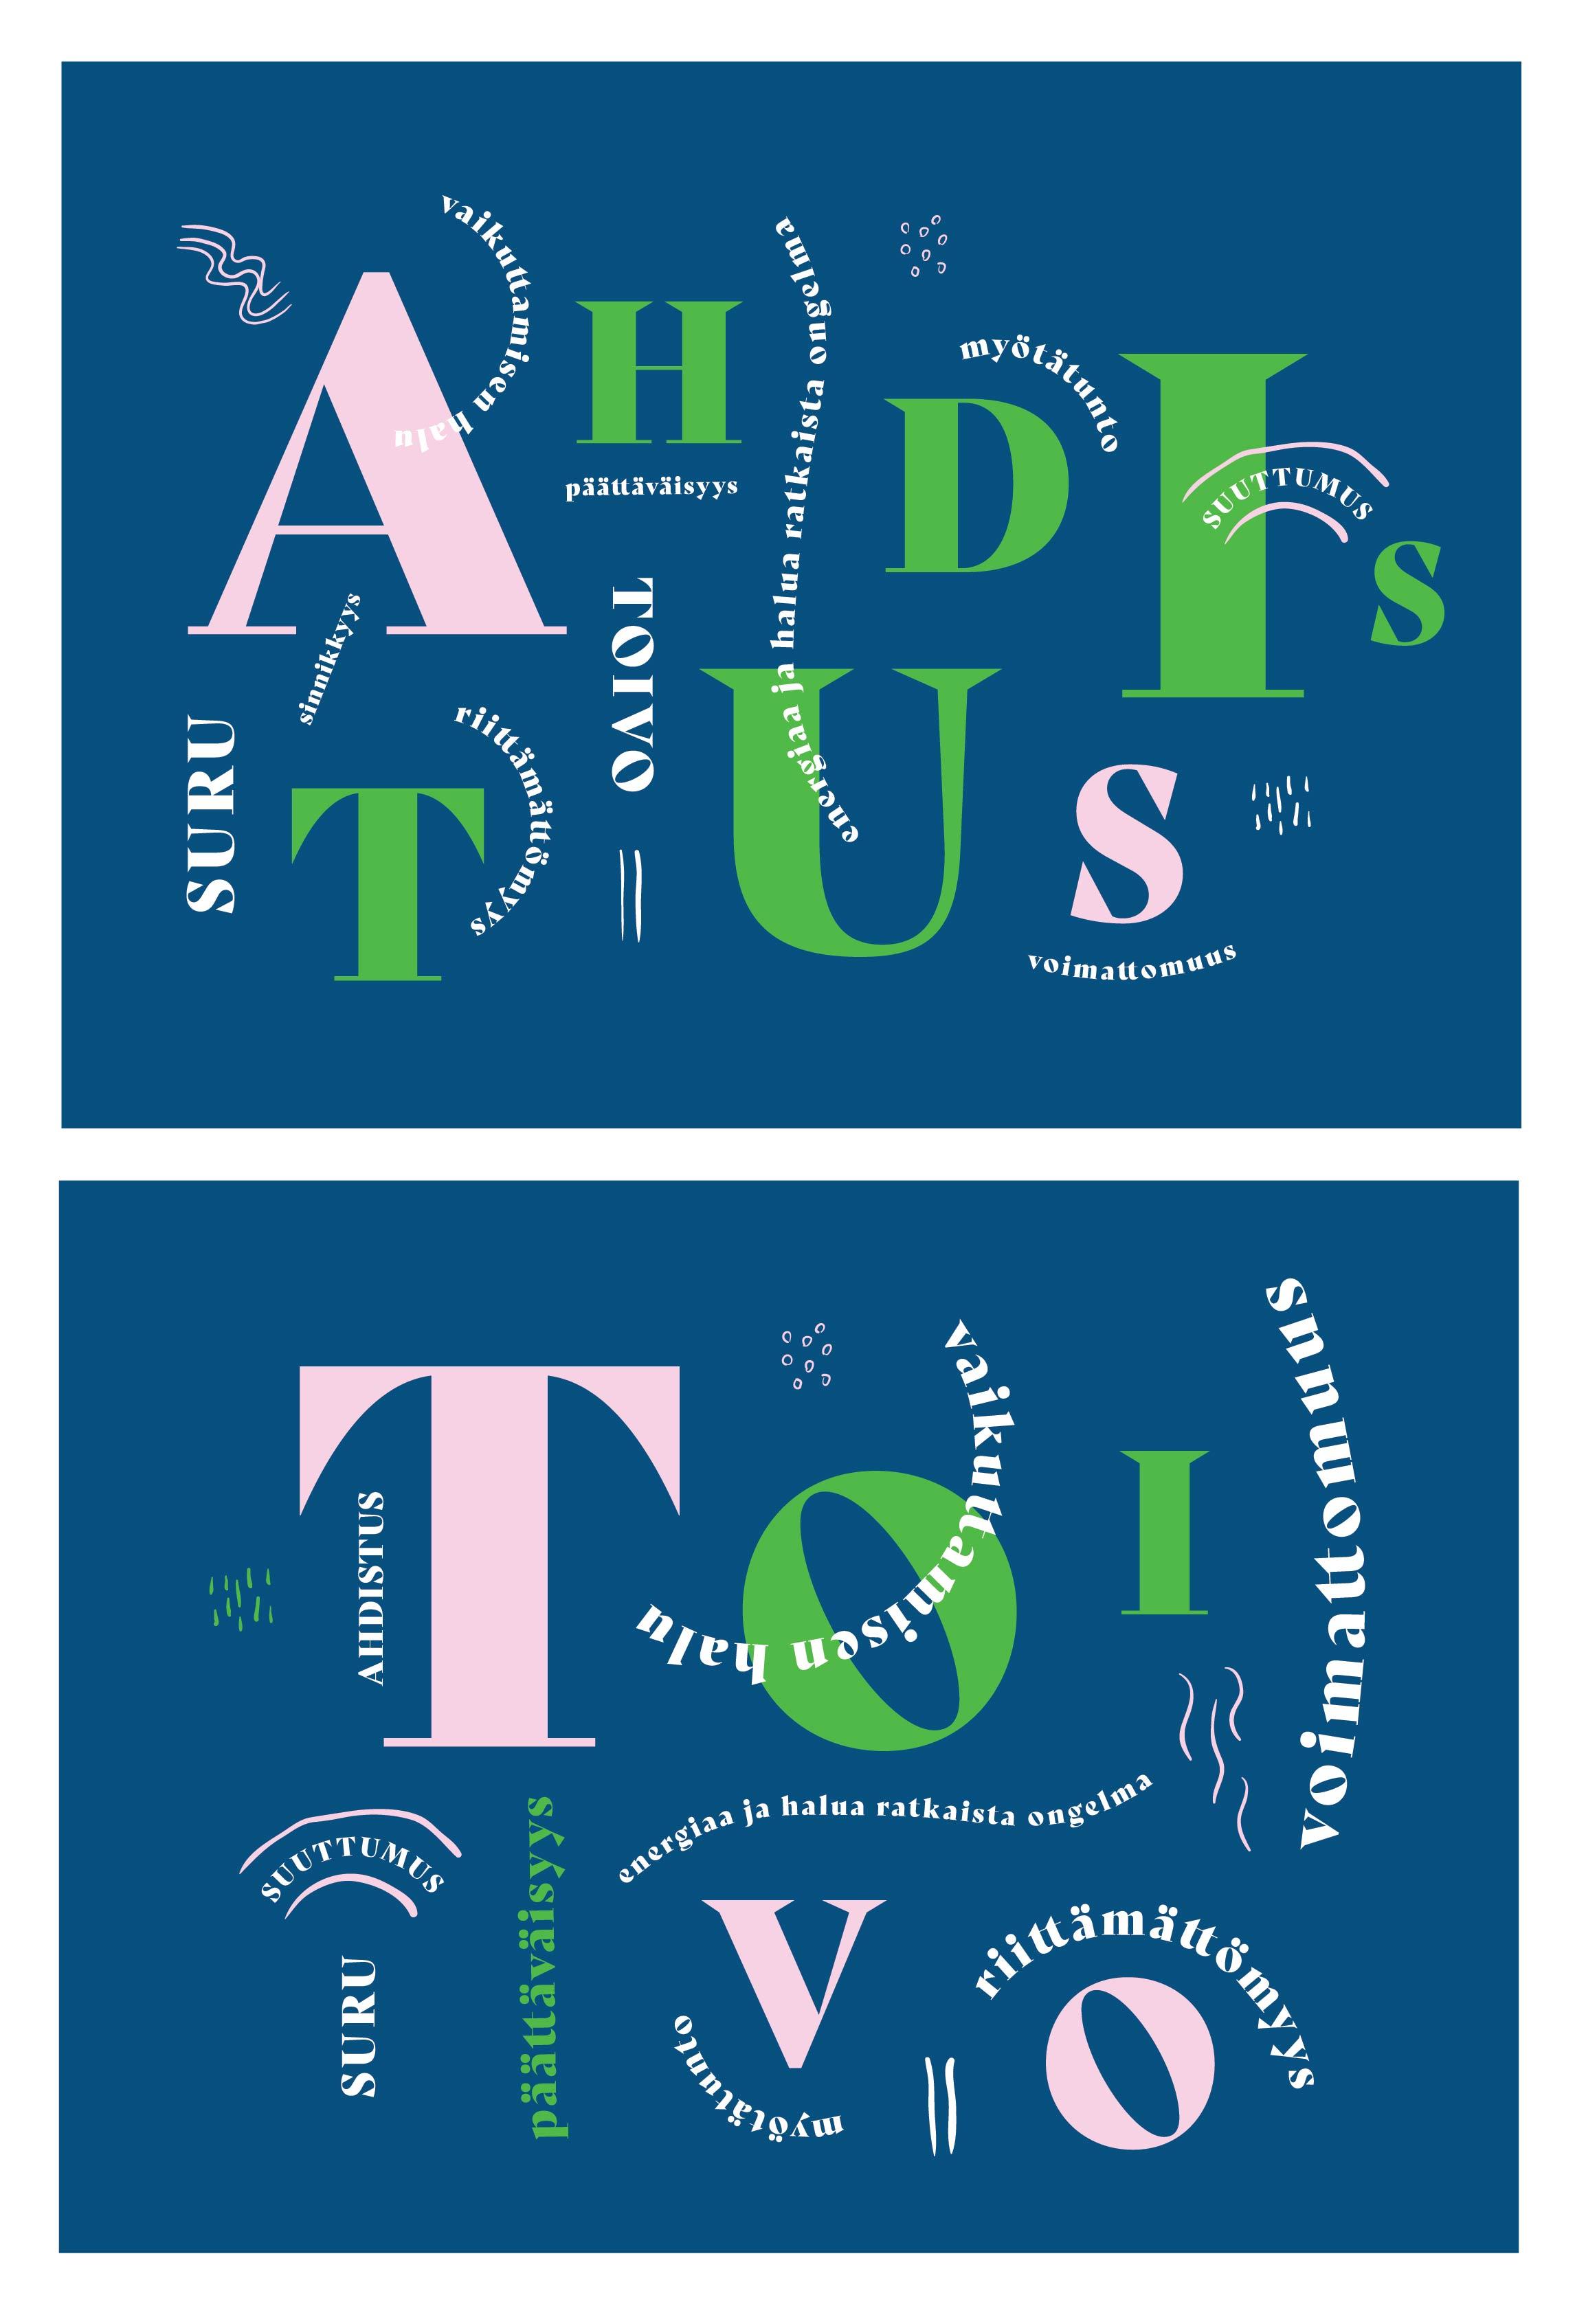 Graphic design & illustrations